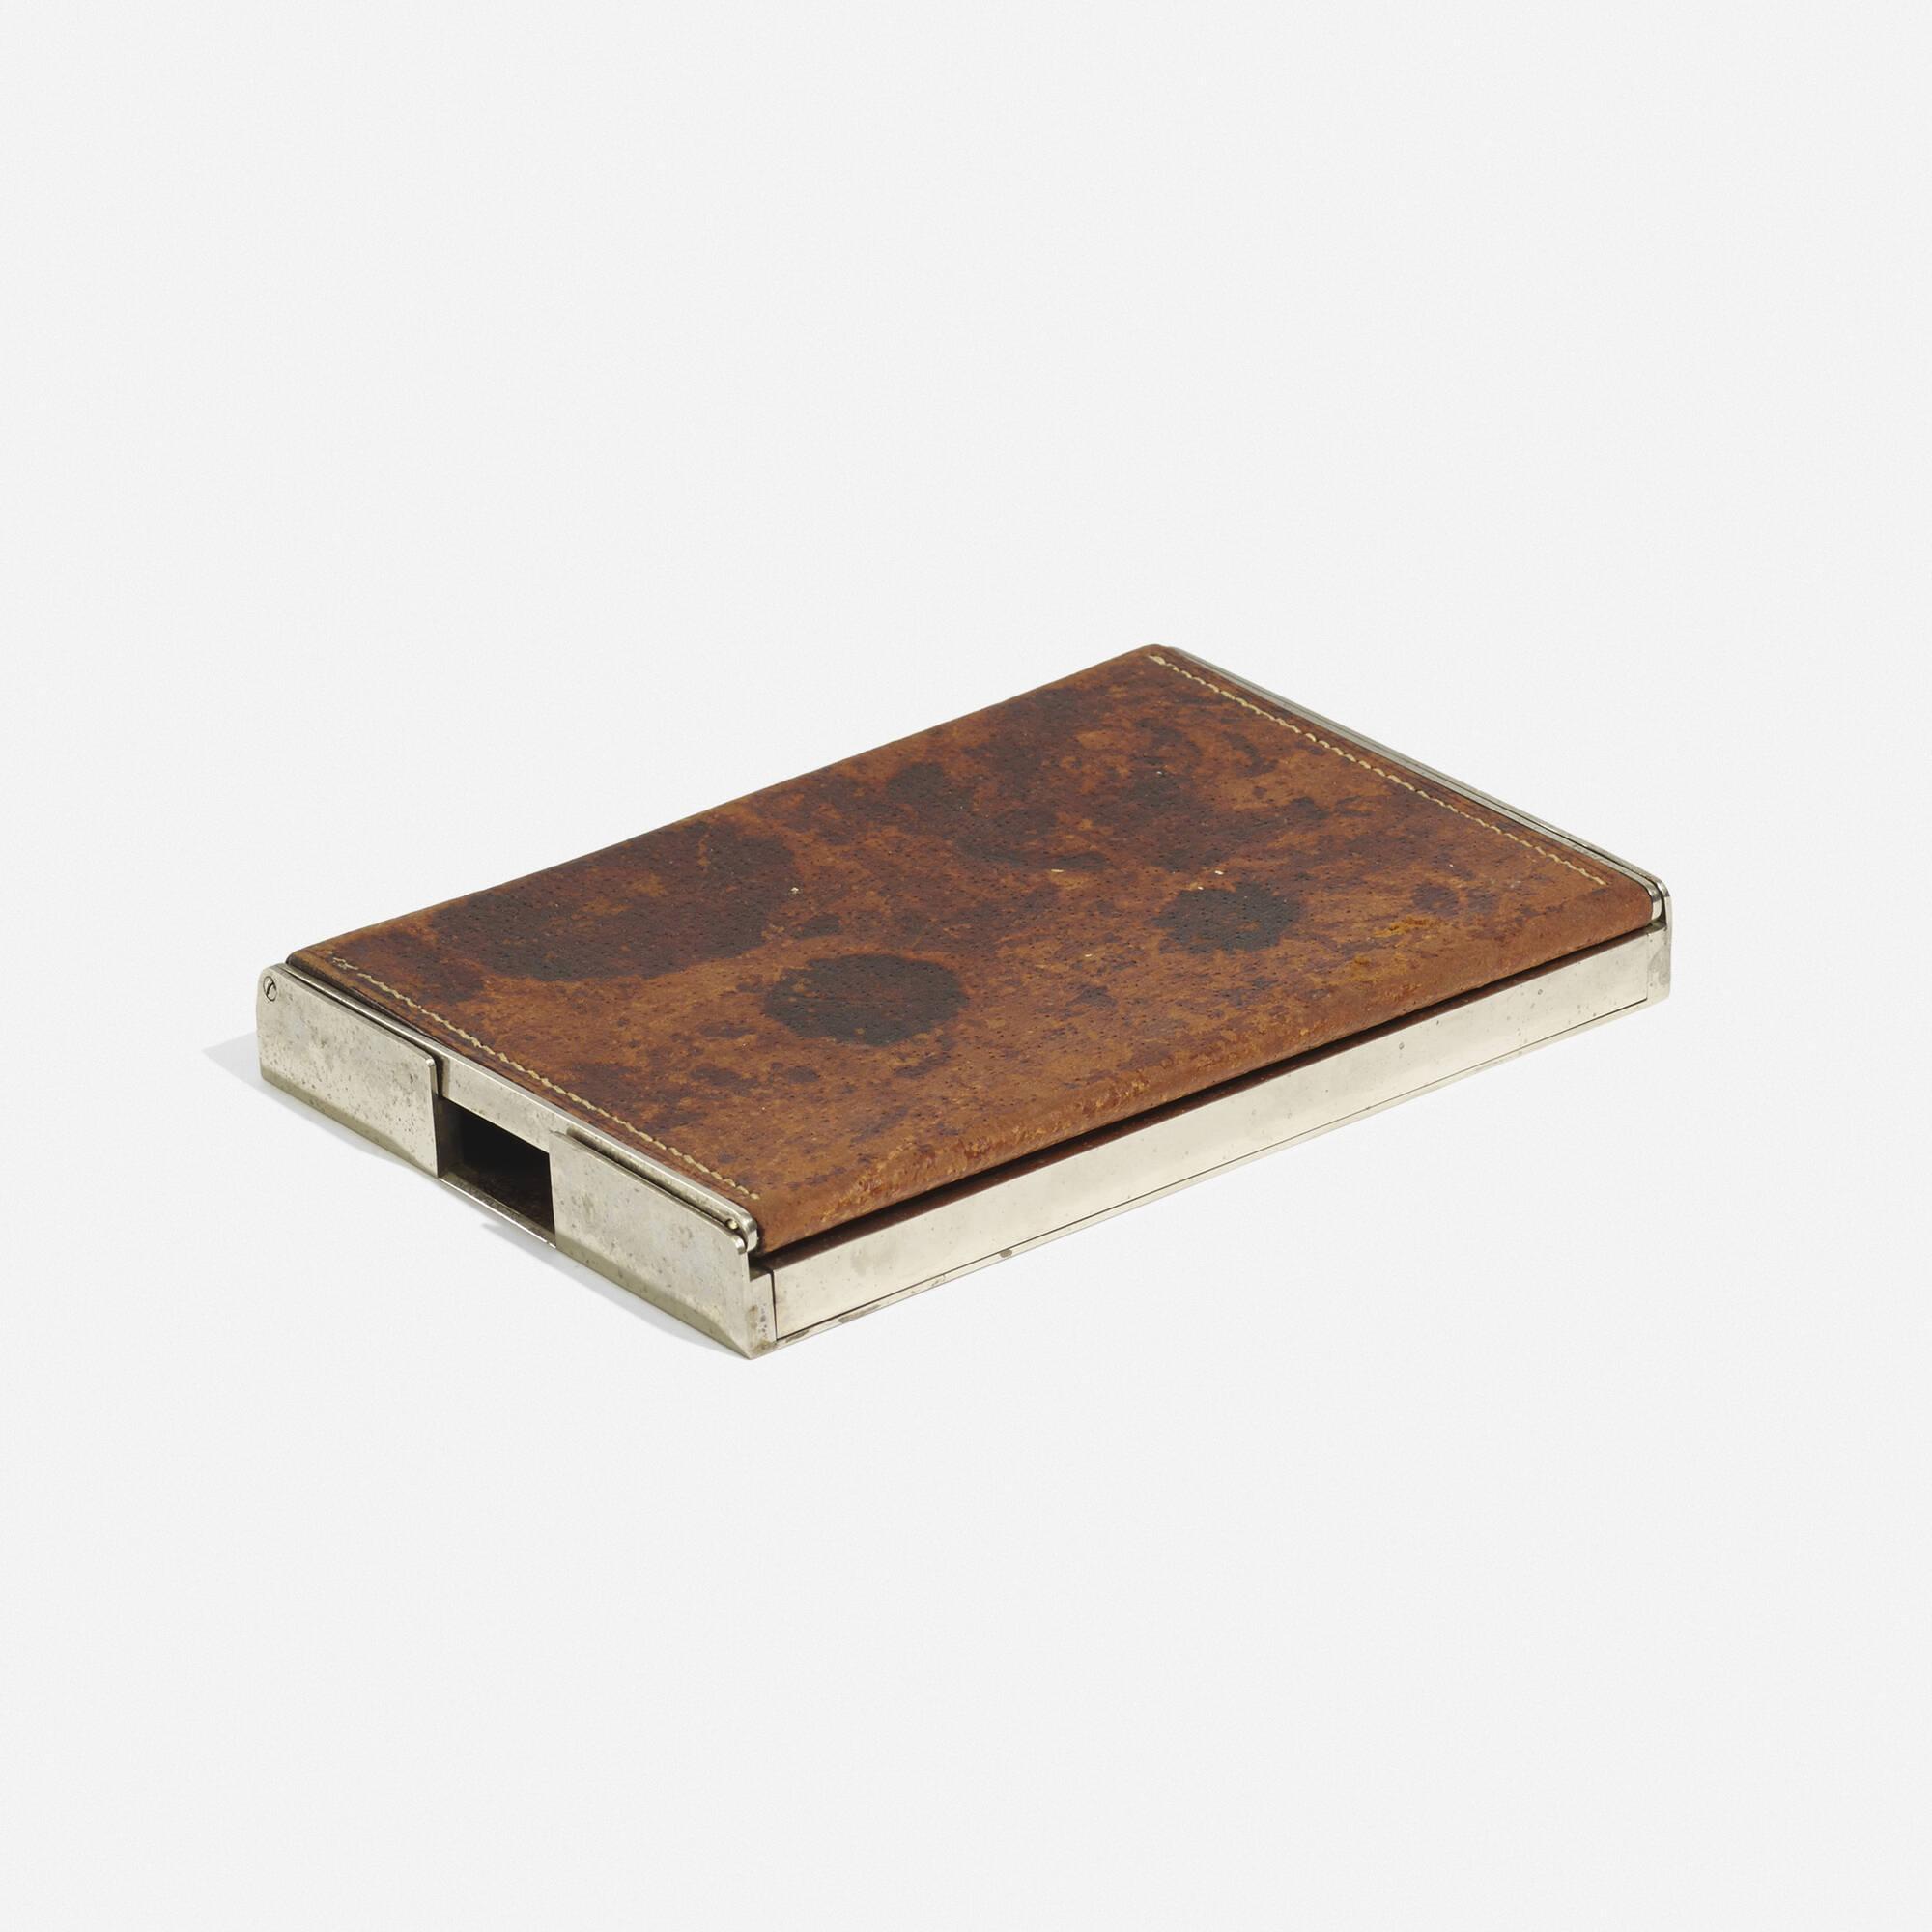 172: Carl Auböck II / early cigarette box (1 of 3)